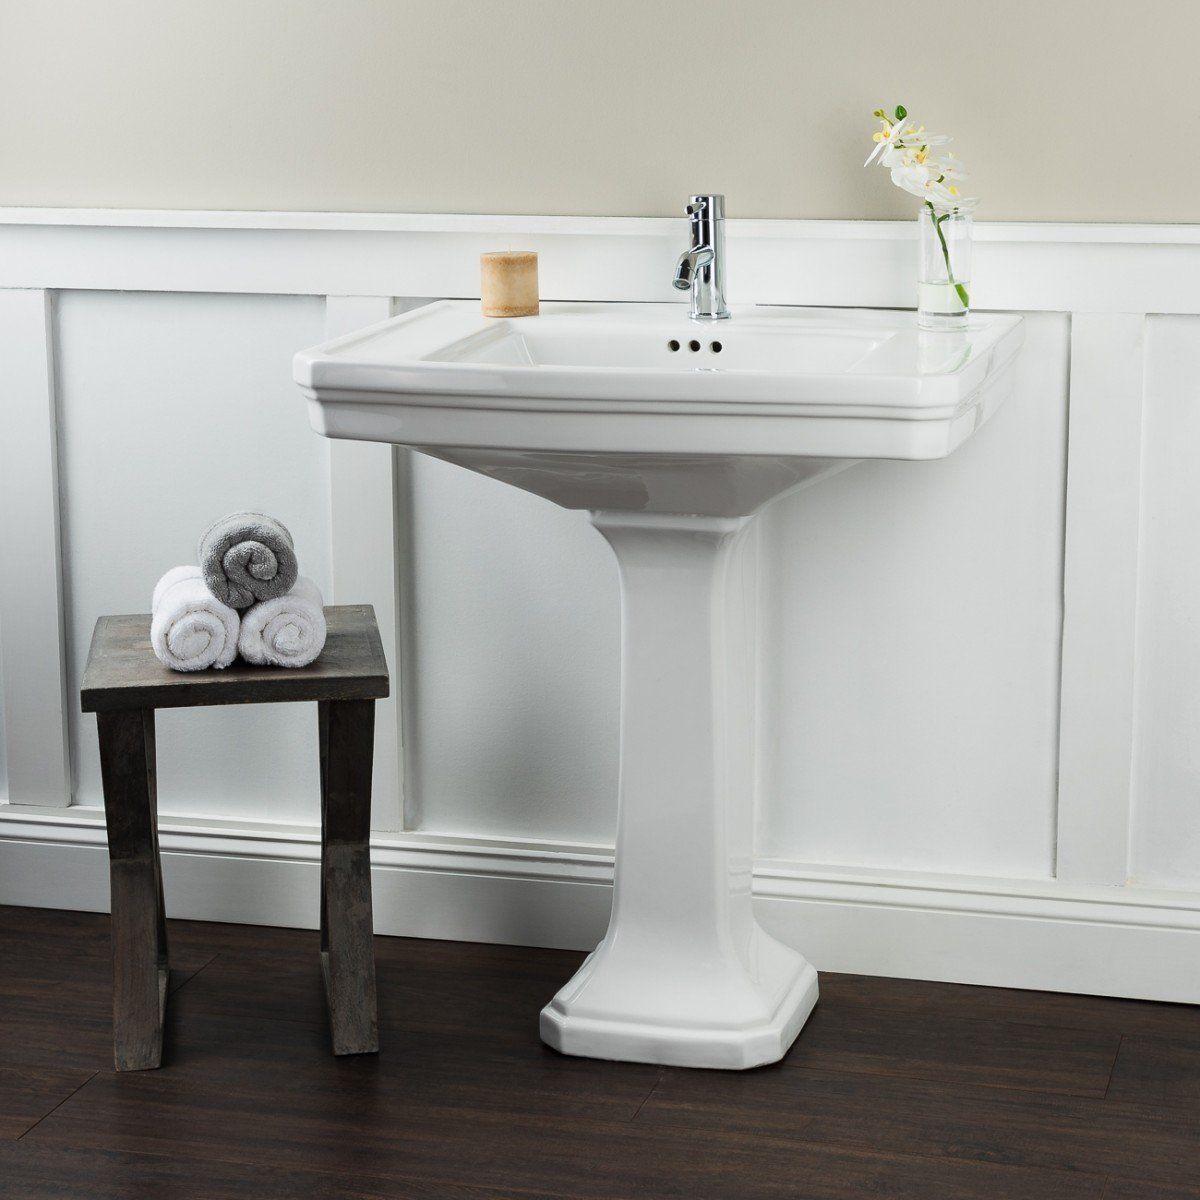 32 Inch Pedestal Sink Pedestal Sink Bathroom Pedestal Sink Vintage Tub Bath 30 inch pedestal sink